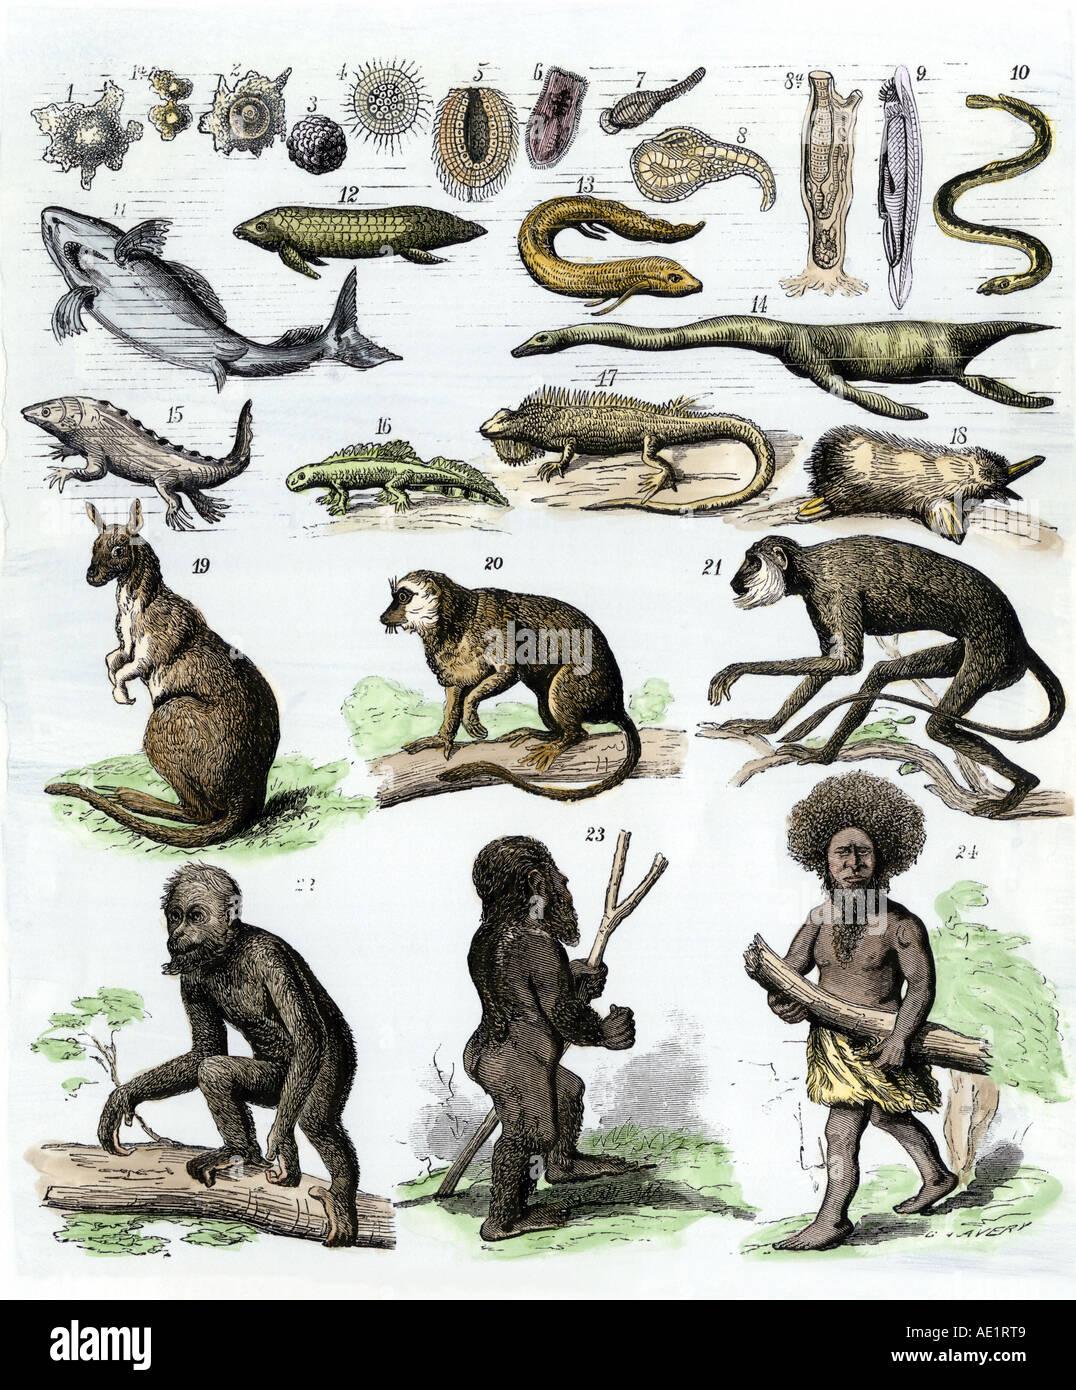 Teoria della discesa dell'uomo come illustrato nel 1870s. Colorate a mano la xilografia Immagini Stock